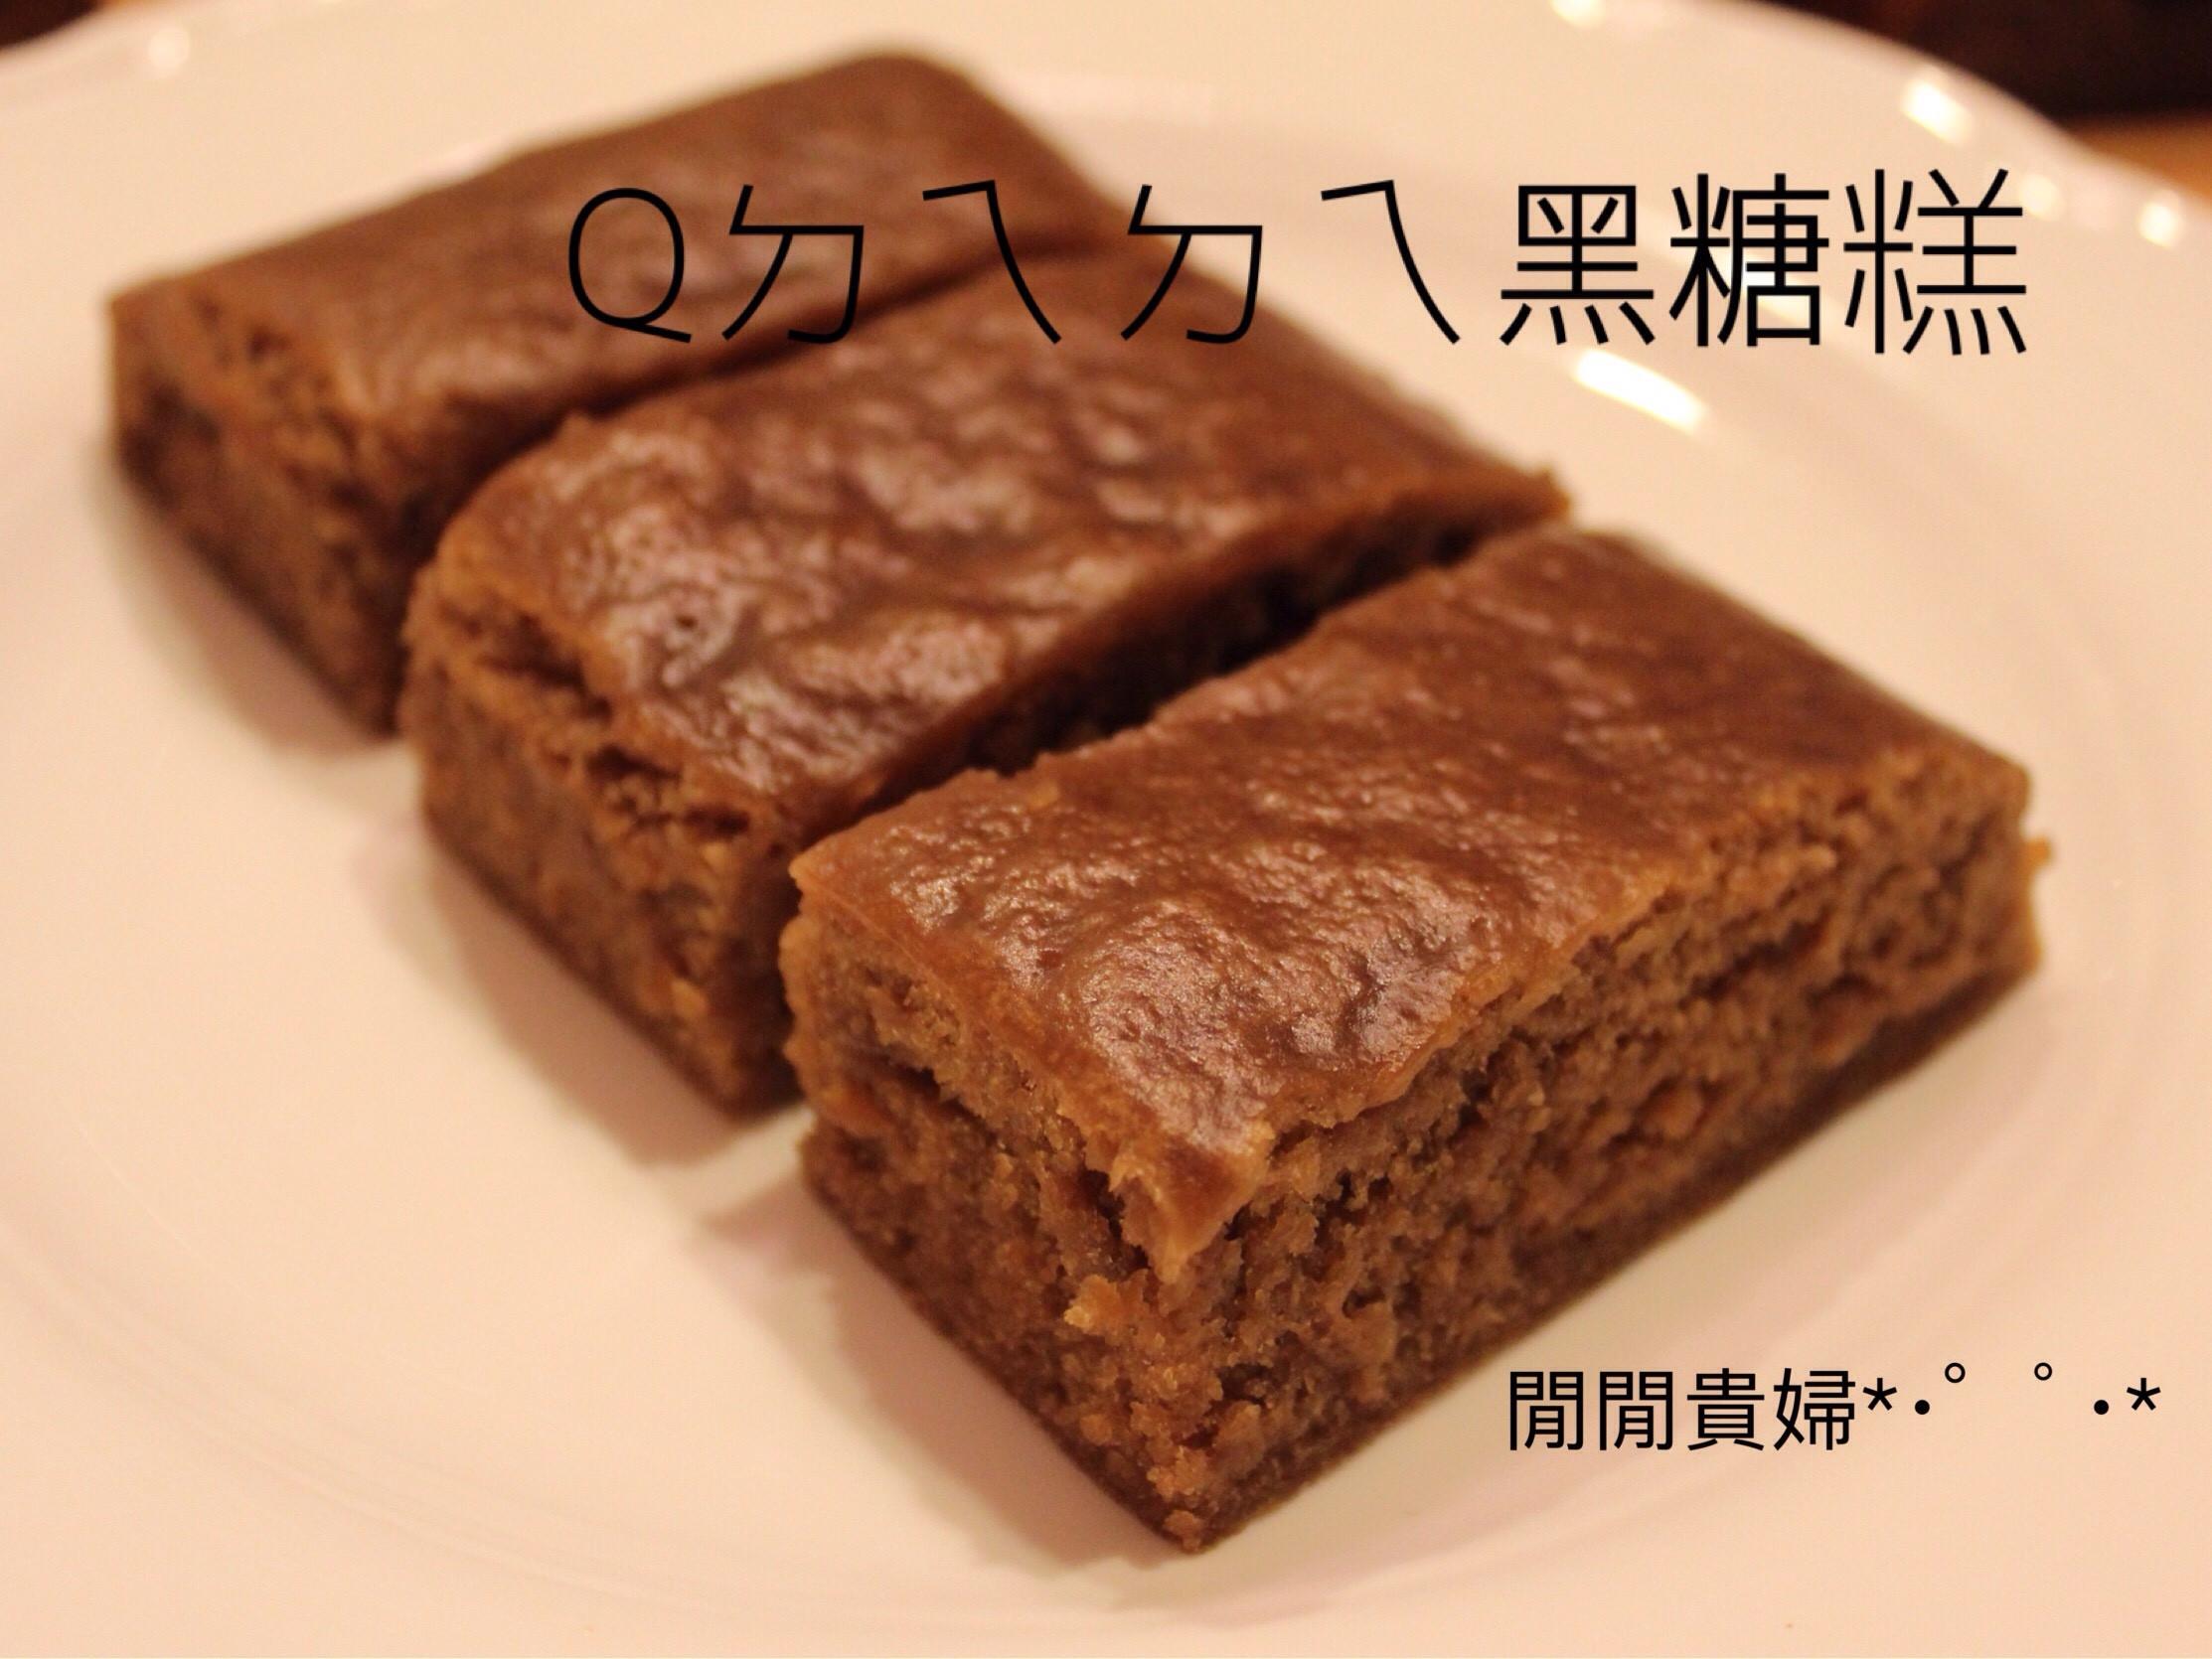 Qㄉㄟㄉㄟ黑糖糕【酵母版-無泡打粉】電鍋 by 閒閒貴婦 - 愛料理